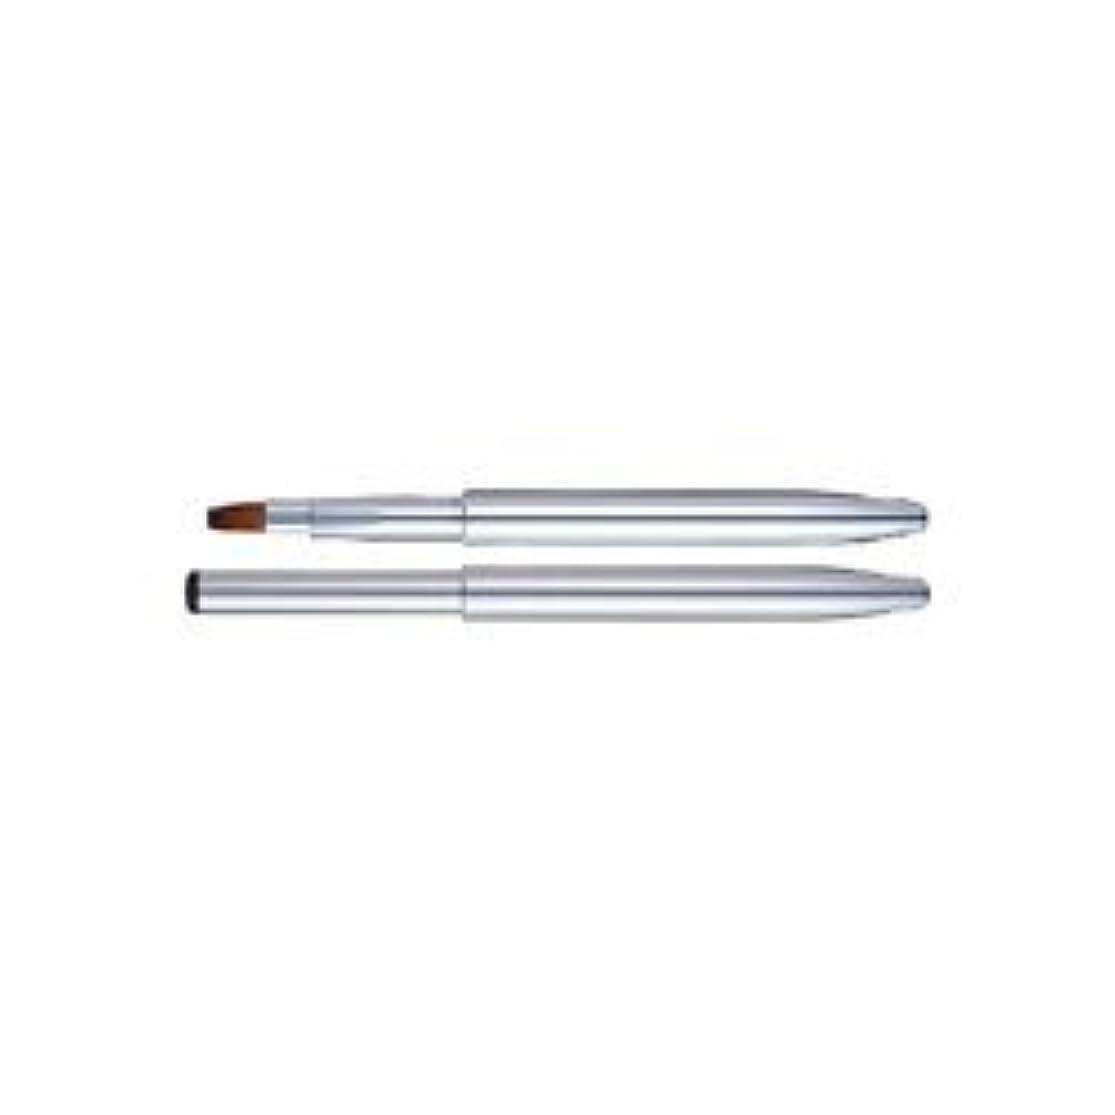 カテゴリー甲虫西化粧筆 スライド式リップブラシ (シルバー) L-02